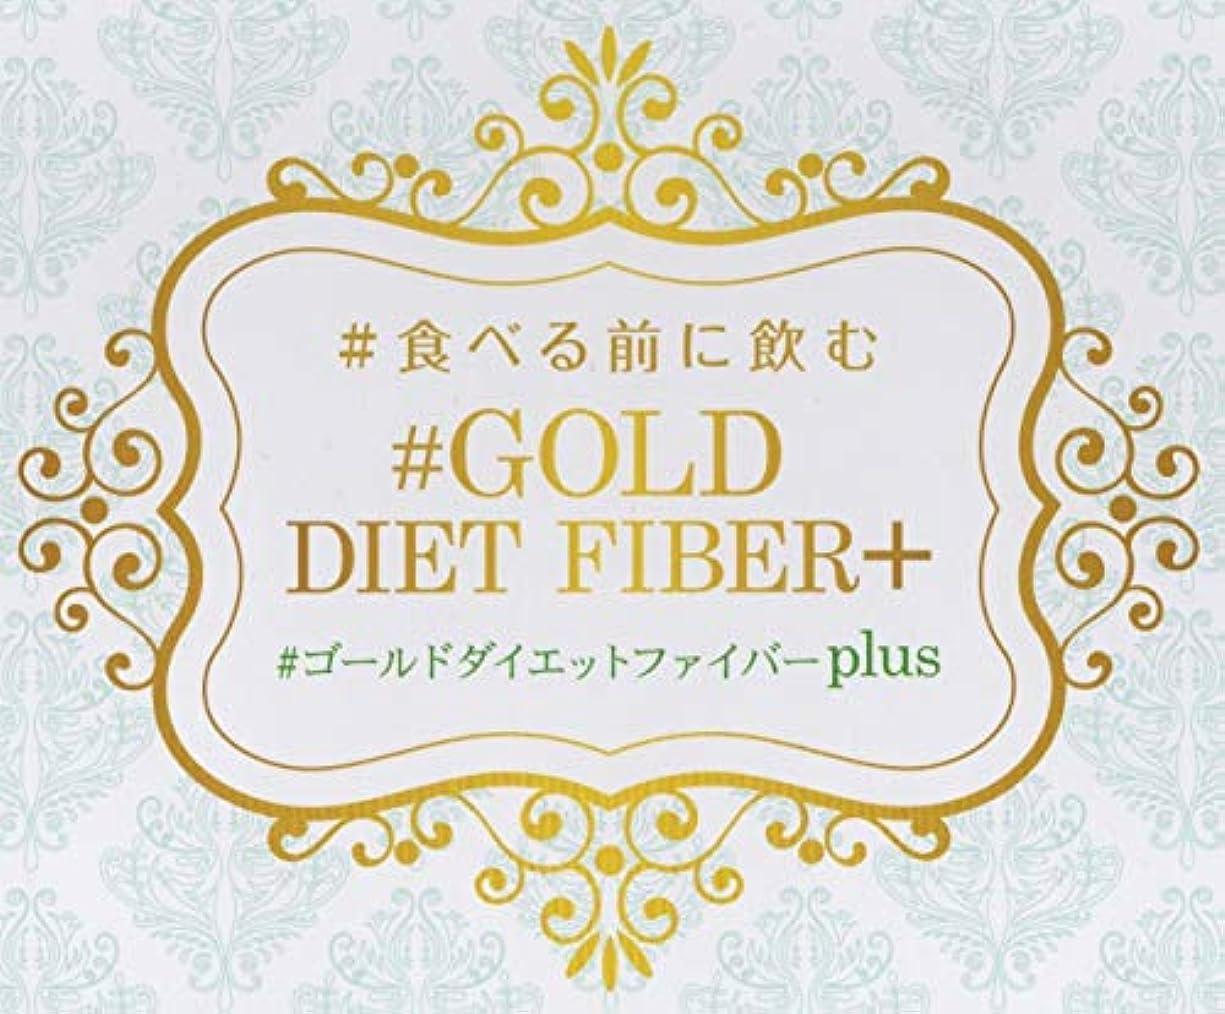 キュービックウォーターフロント艦隊食べる前に飲む ゴールド ダイエット ファイバー [お試し価格](水溶性食物繊維とマルチビタミン)[ほんのりレモン味]